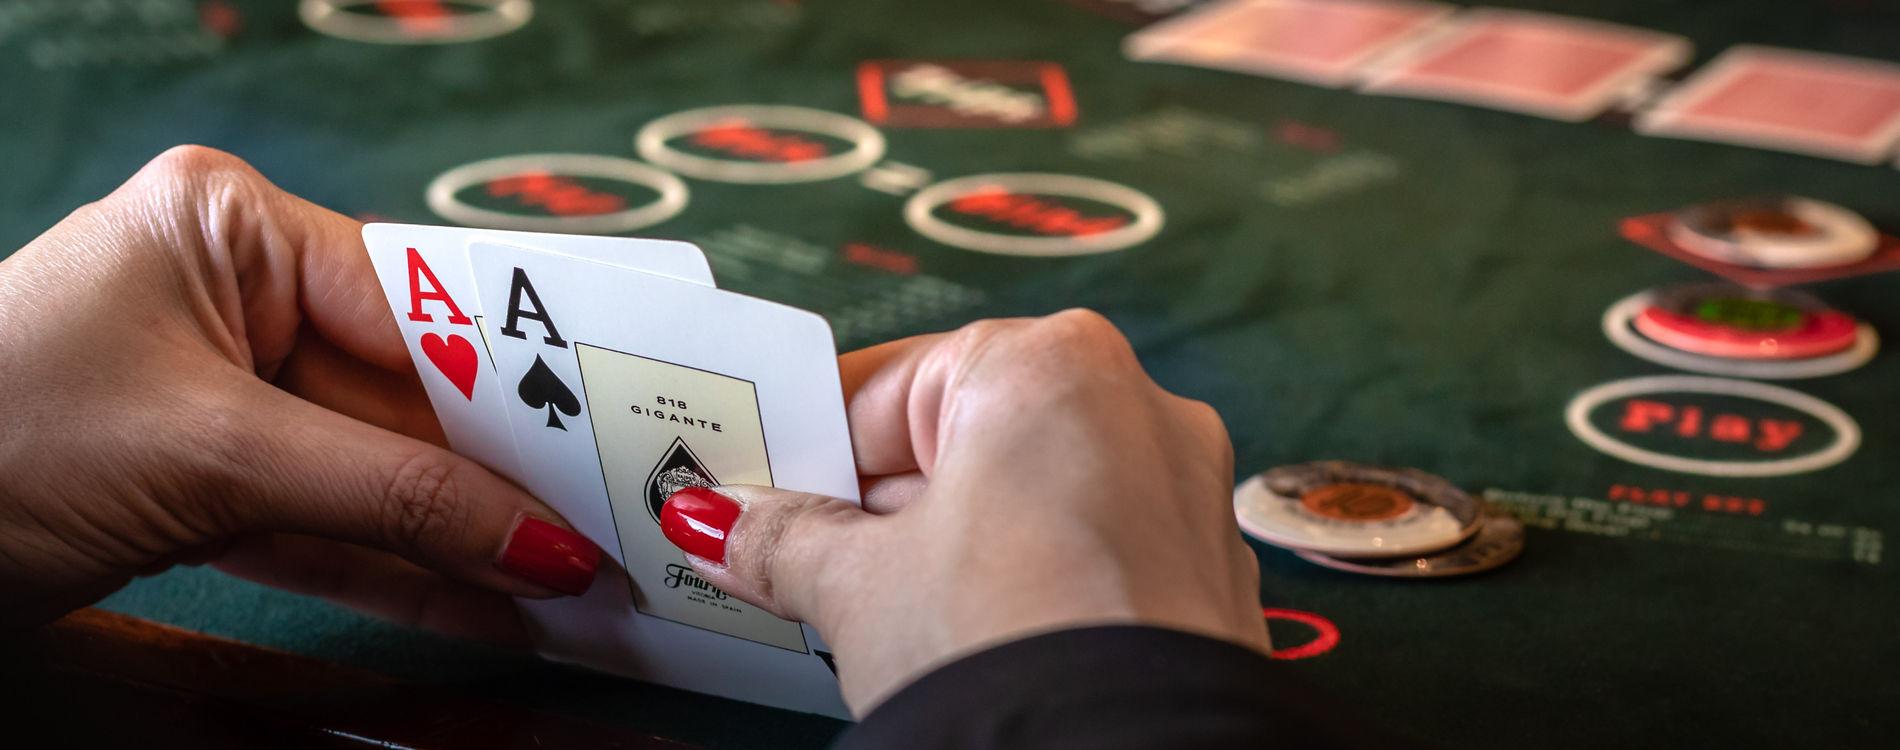 Ultimate Texas Hold'em Poker in Monaco | Monte-Carlo Société des Bains de  Mer